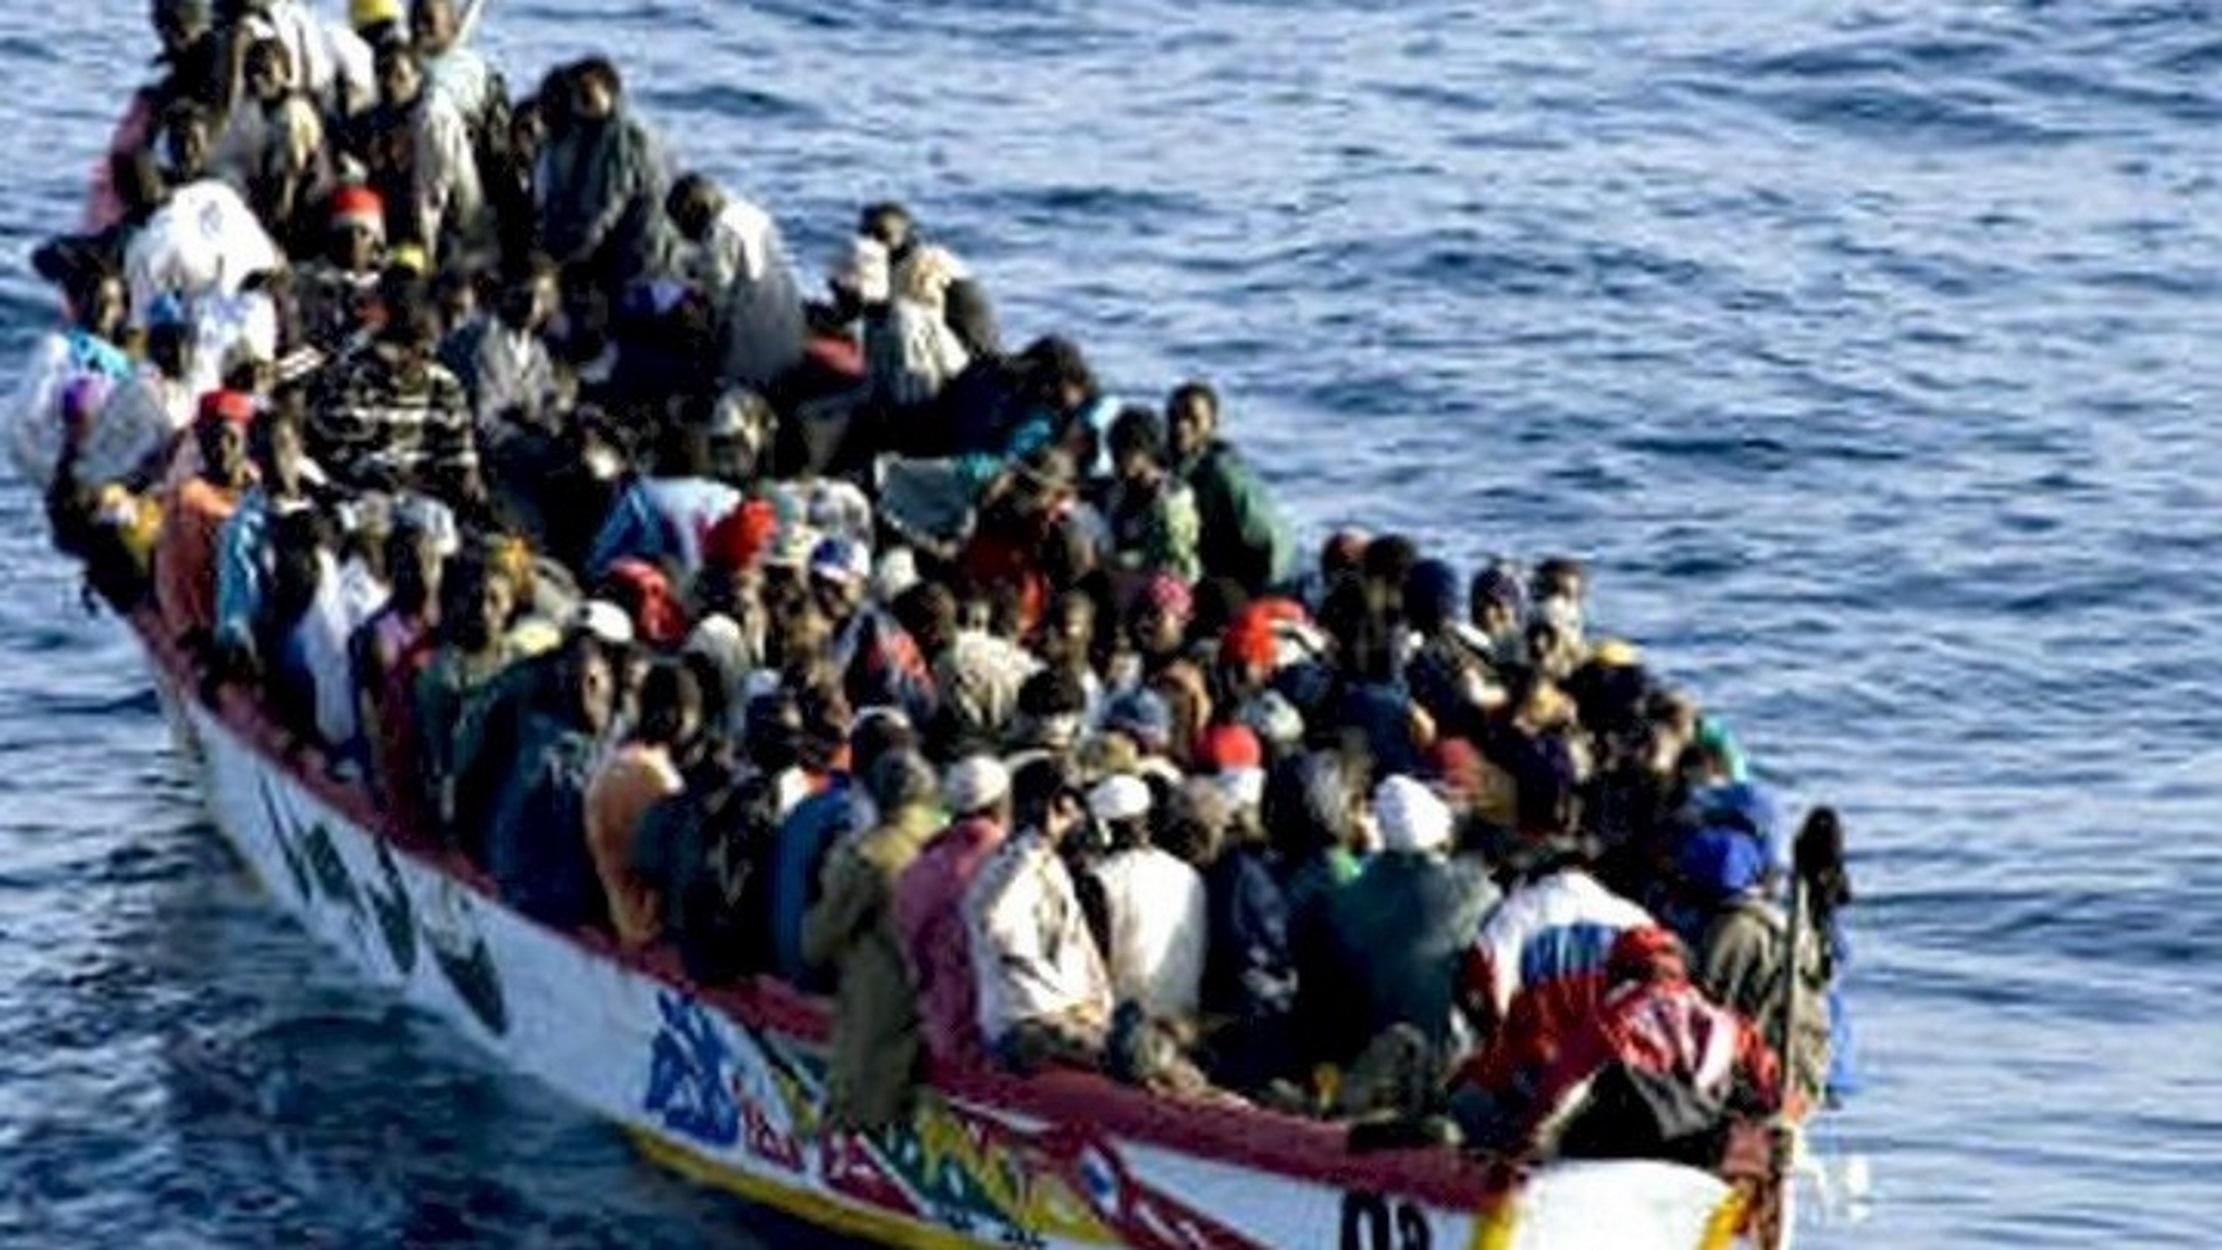 Πολύνεκρο ναυάγιο στο κανάλι της Μάγχης: Πνίγηκαν πρόσφυγες, ανάμεσά τους και παιδιά!